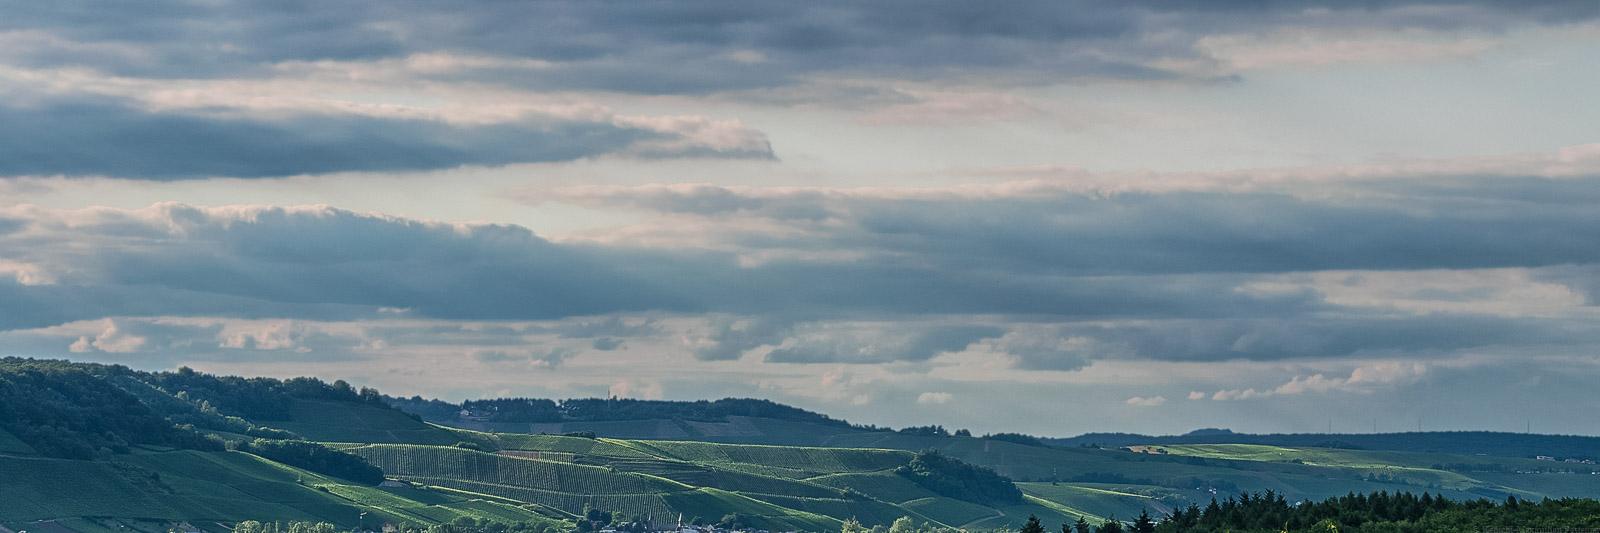 Luxemburg Weinbauregion Vorschau 3 zu 1